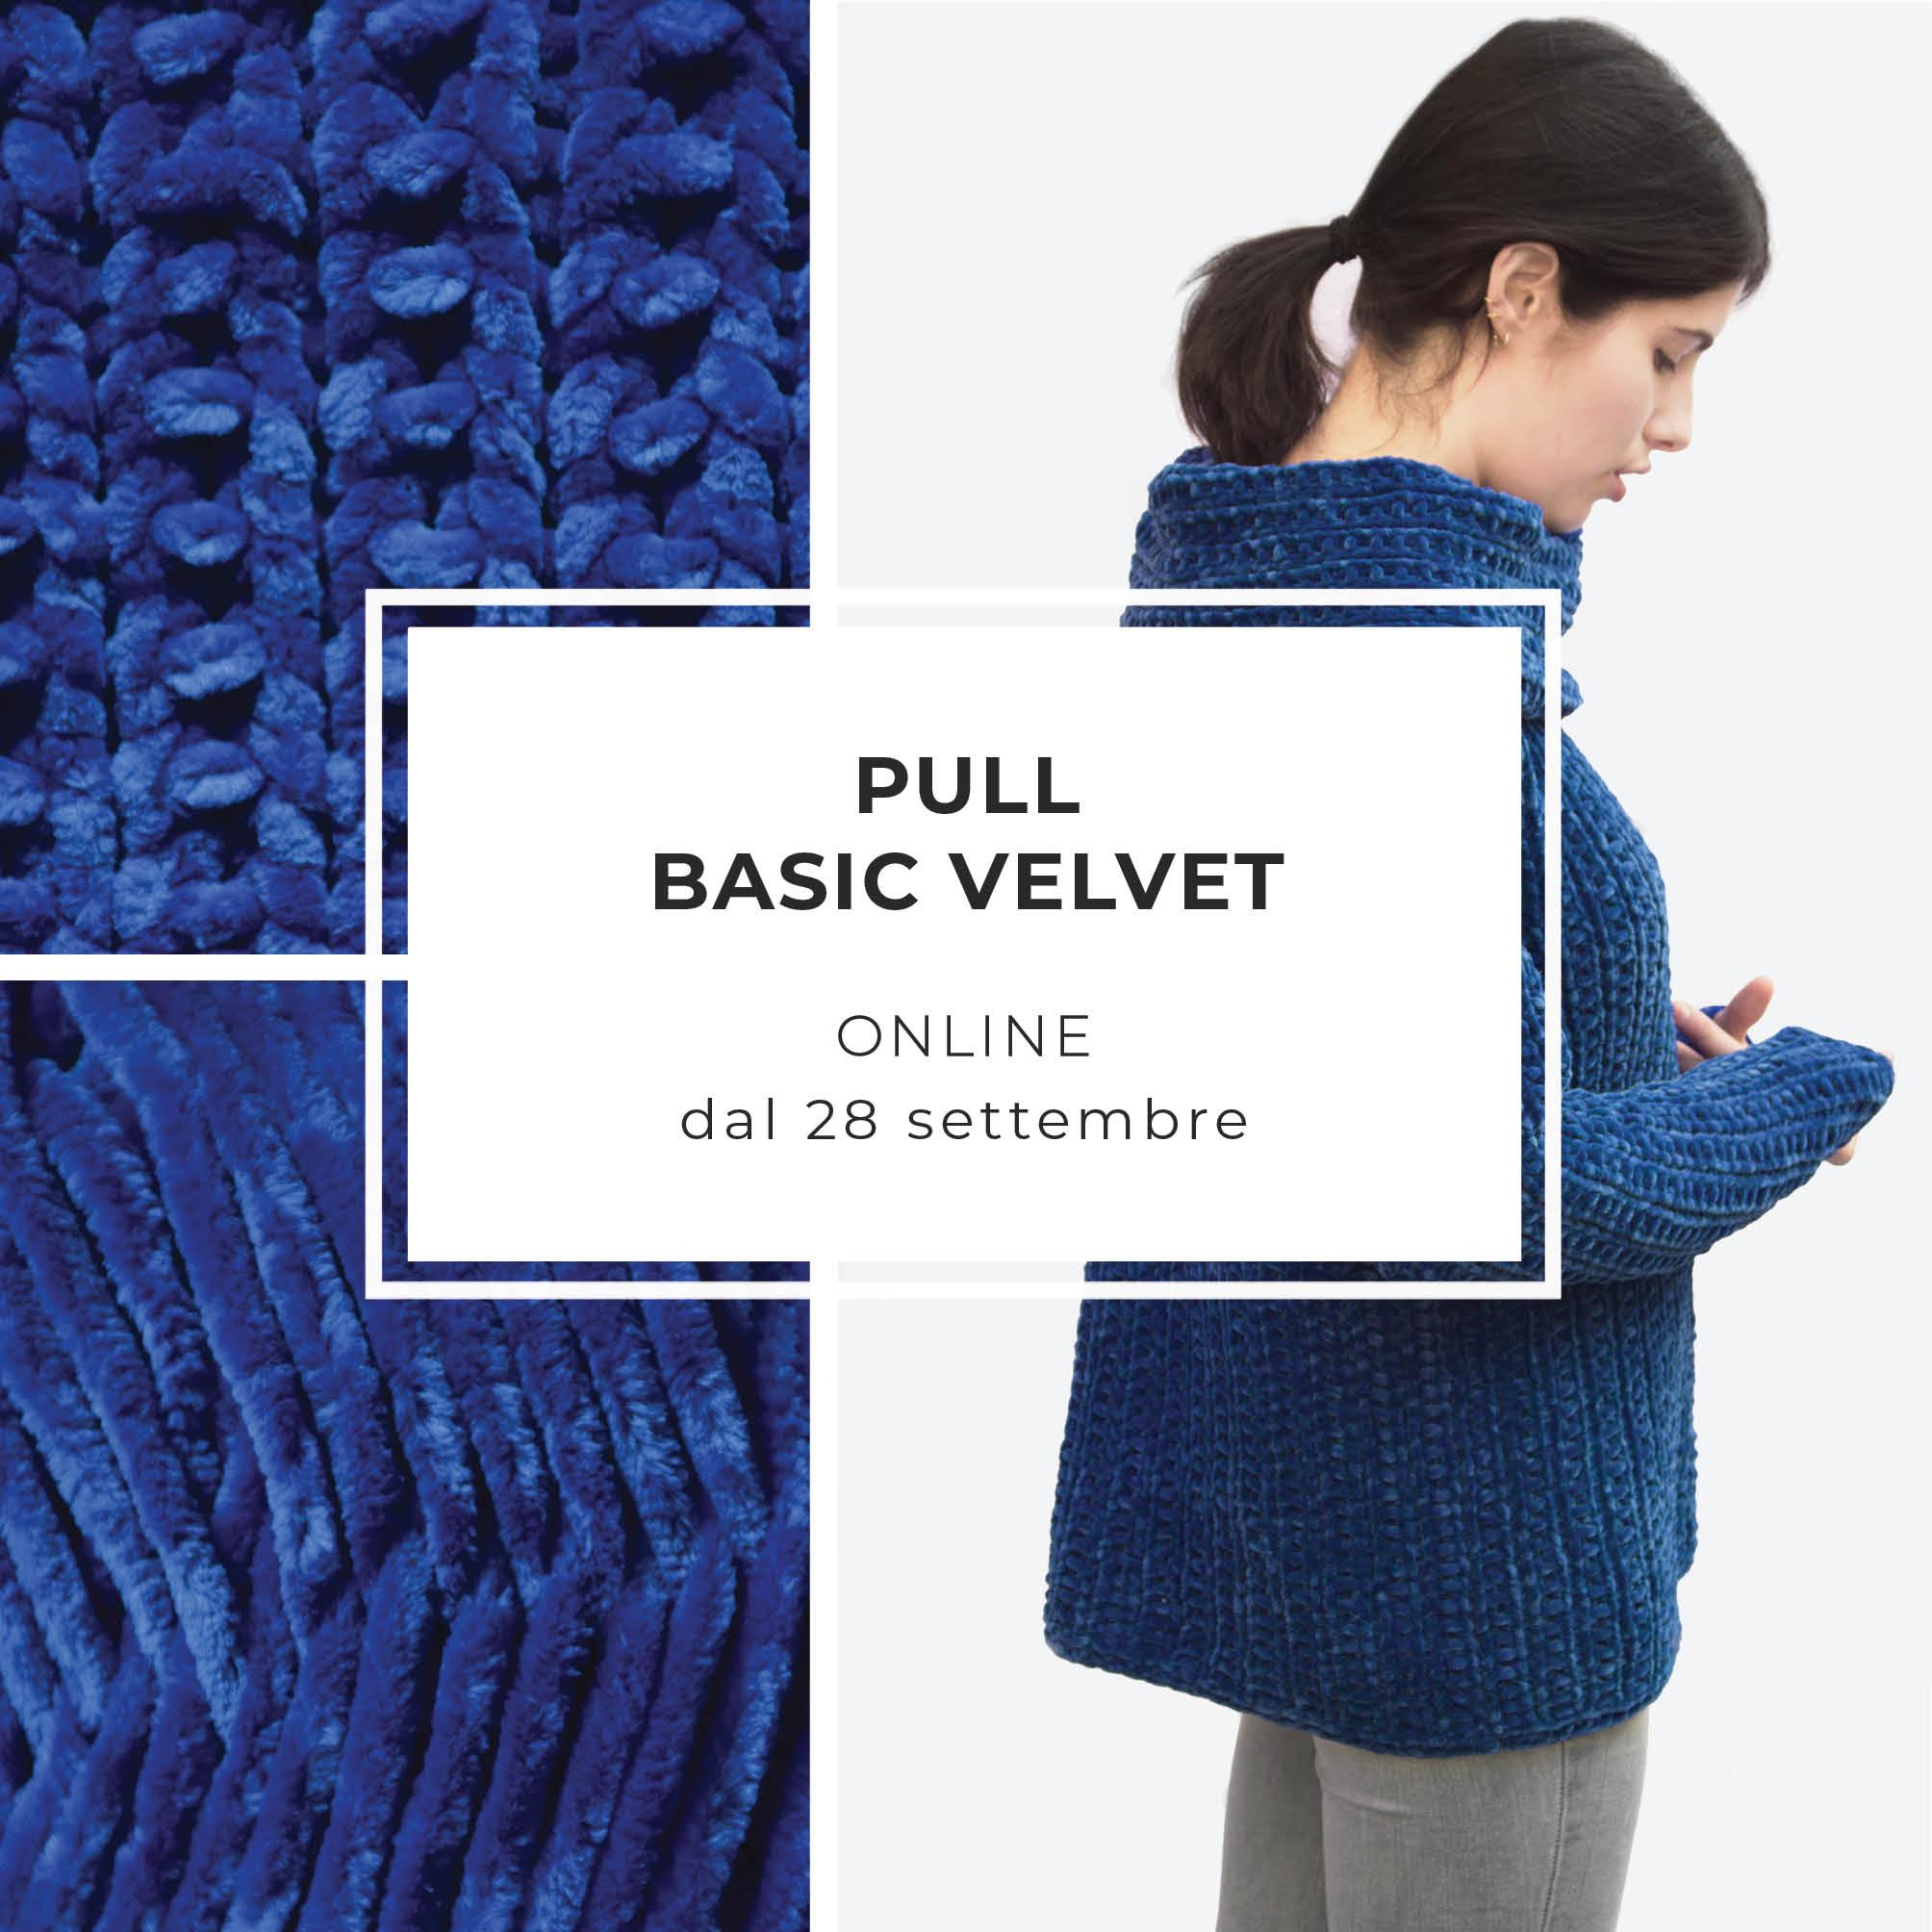 Video_DMC 2018_Pull-Basic-Velvet.jpg